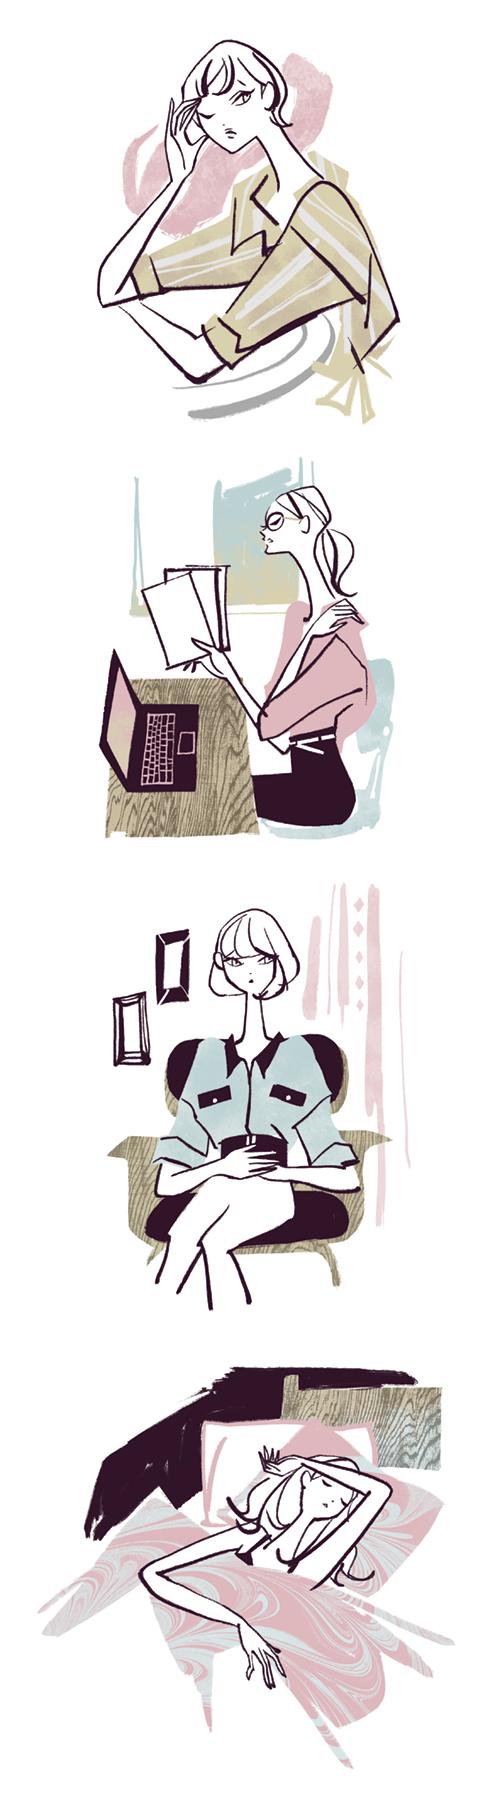 パソコンの作業をしたり、睡眠中だったり、腹痛などの女性イラスト